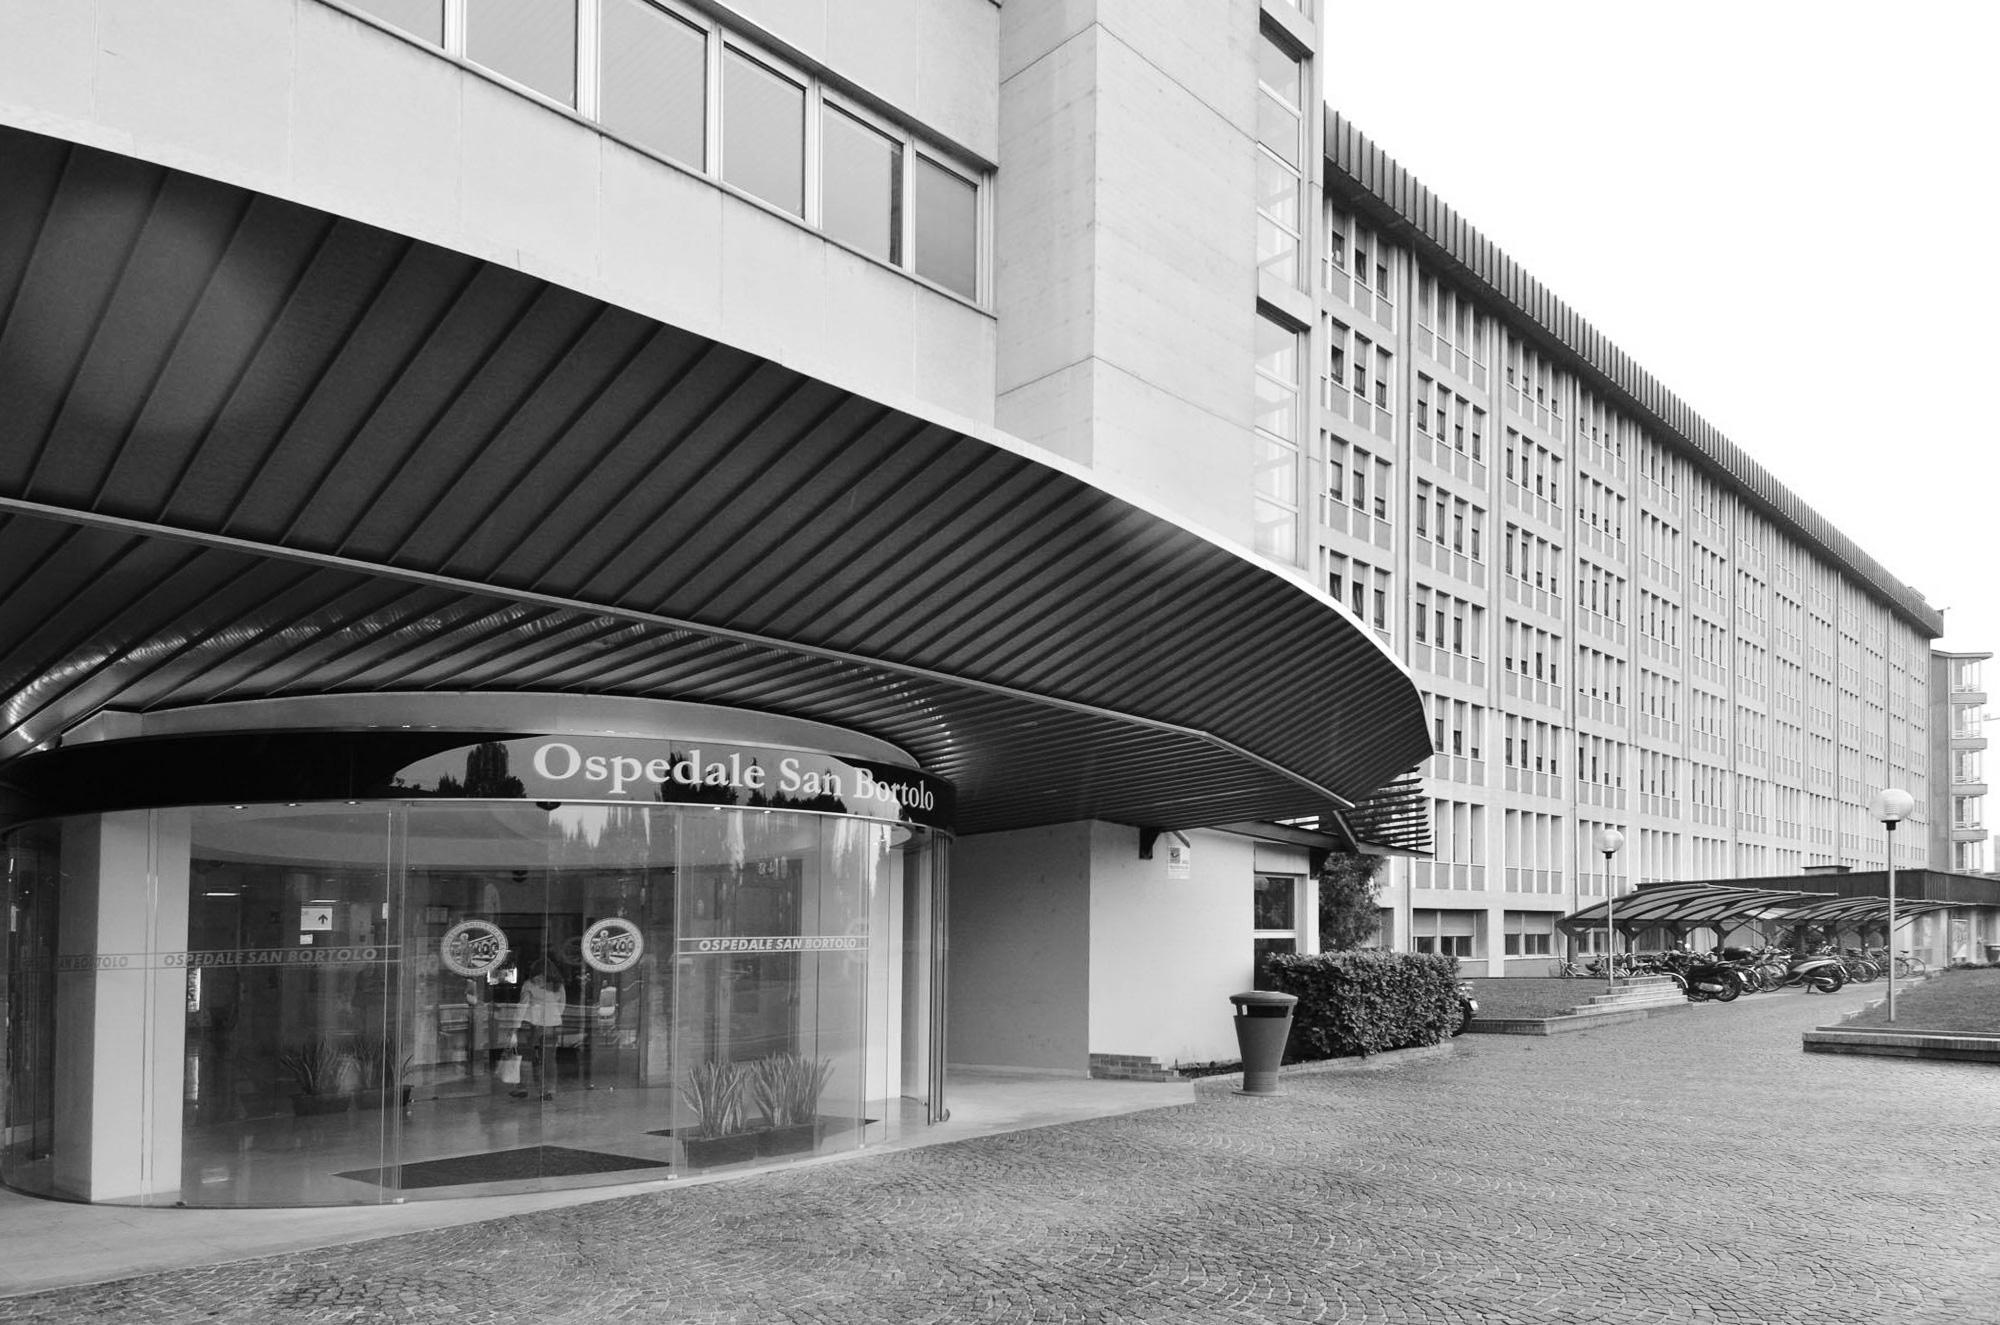 Ospedale San Bortolo - Analisi di vulnerabilità sismica